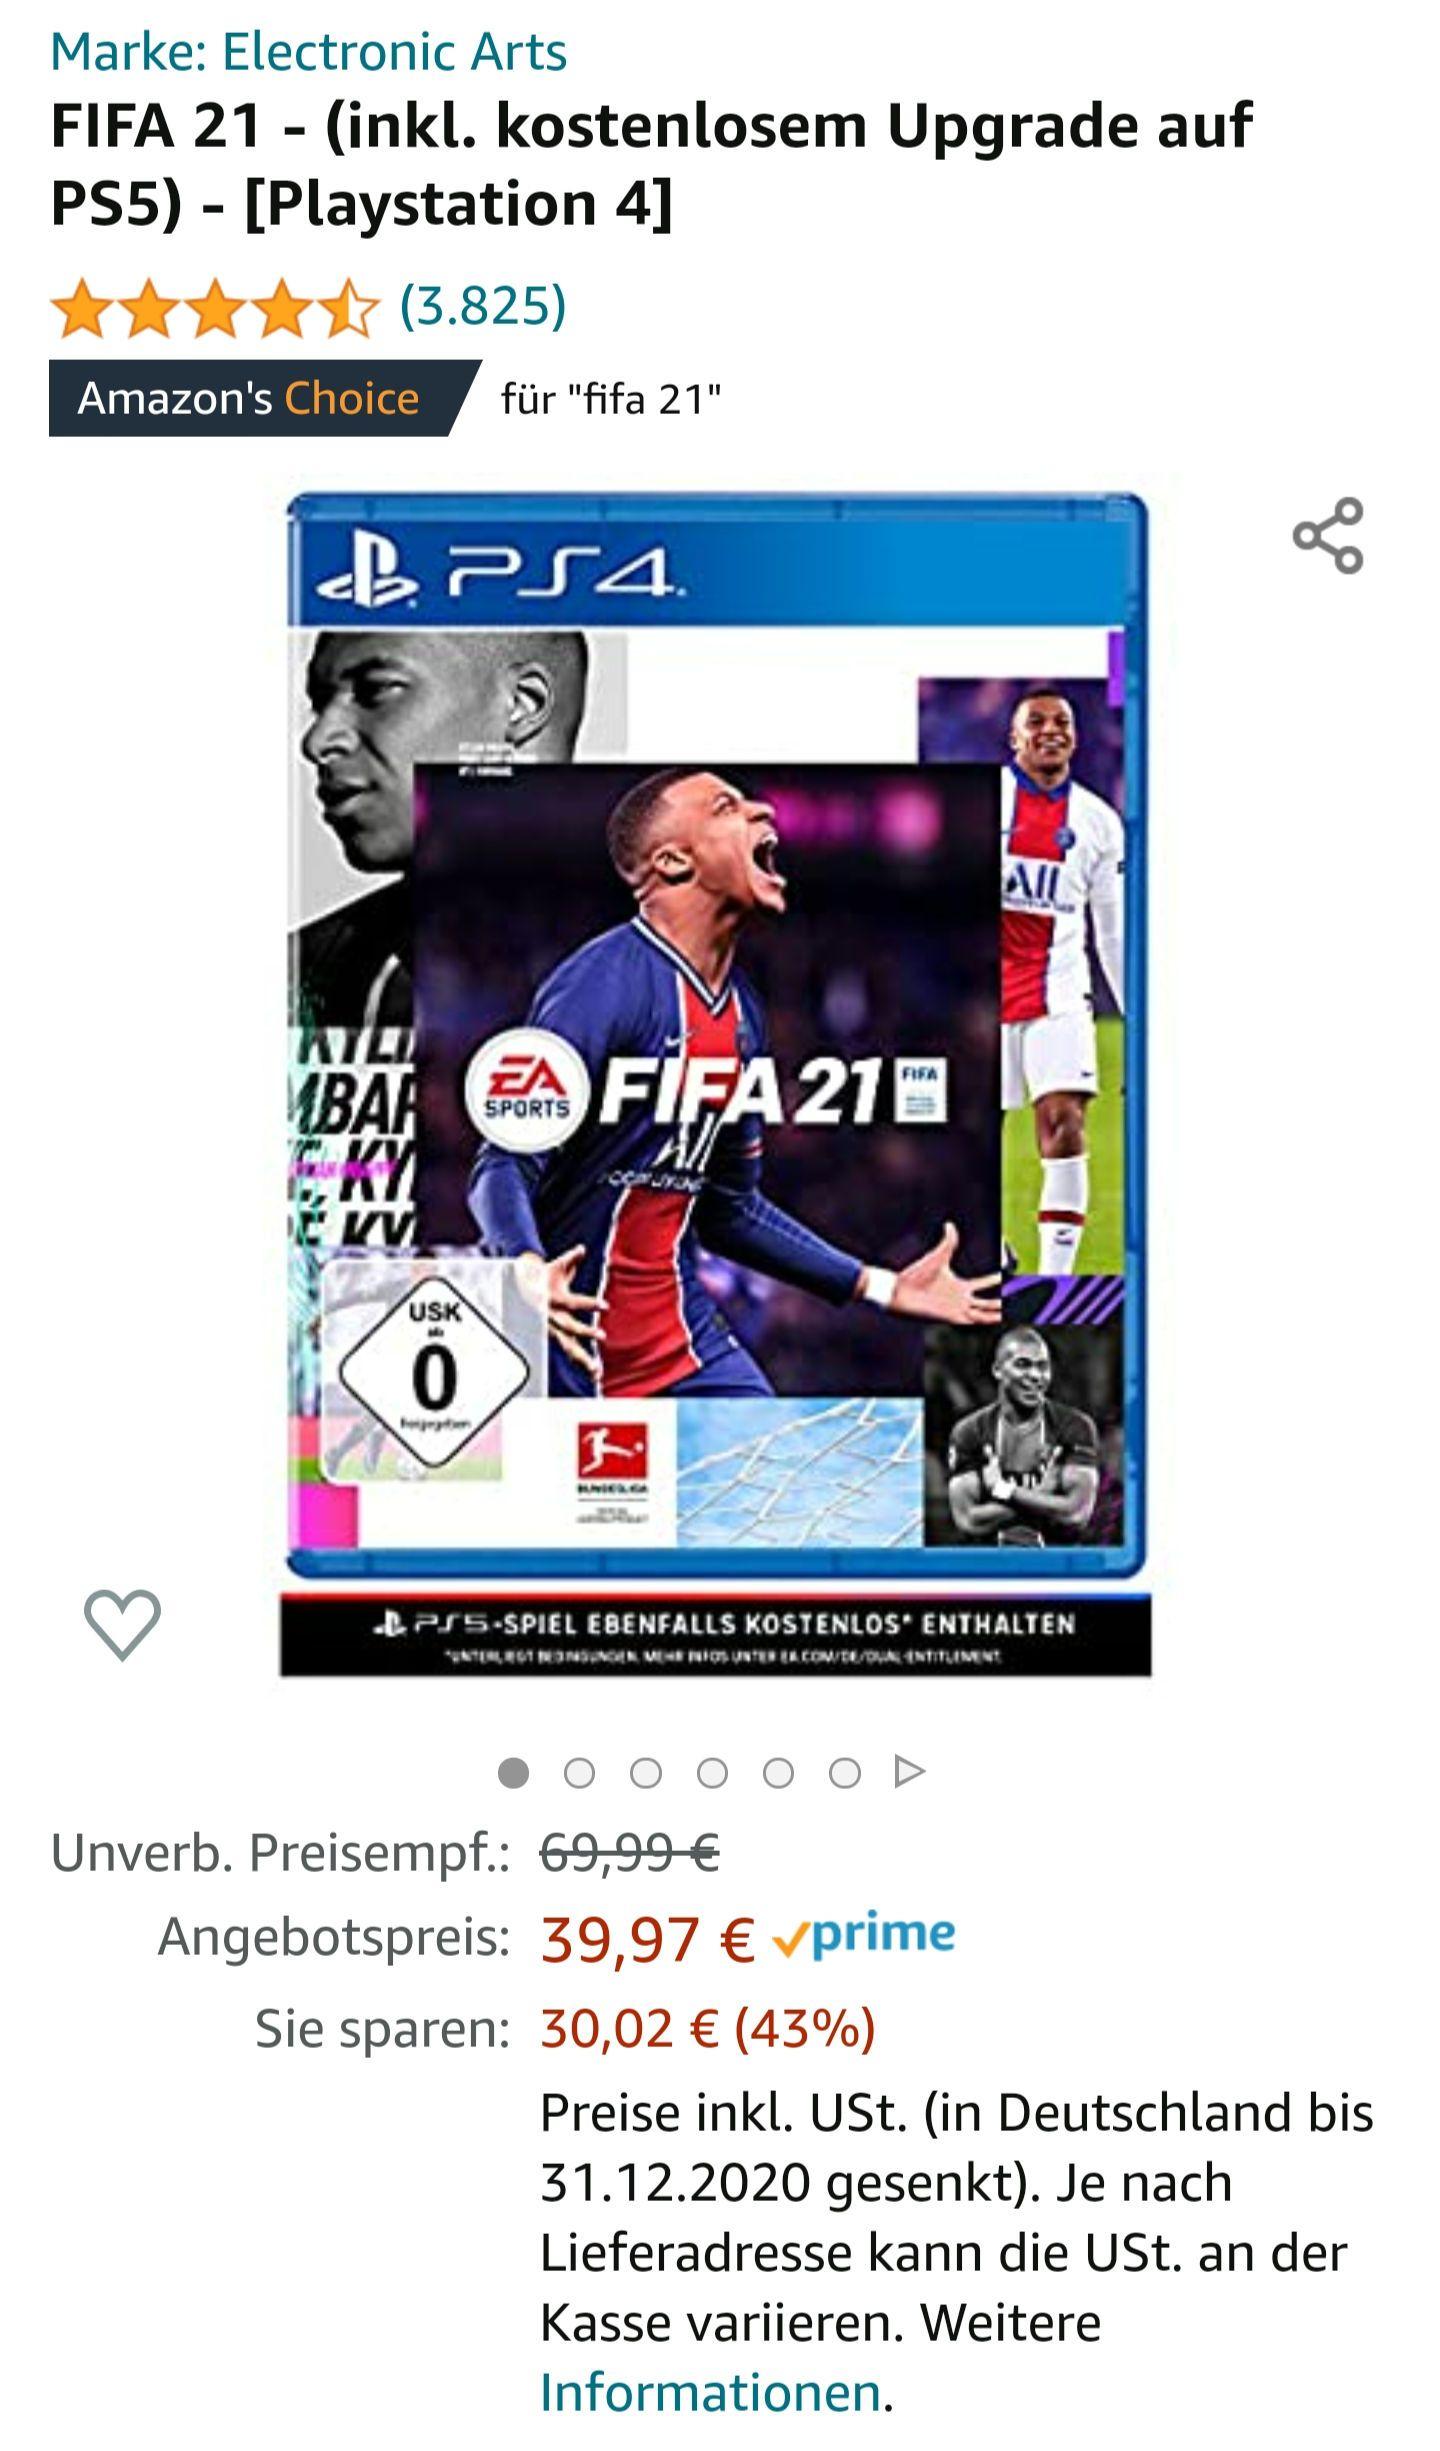 FIFA21 [Next-Gen Upgrade] Playstation 4